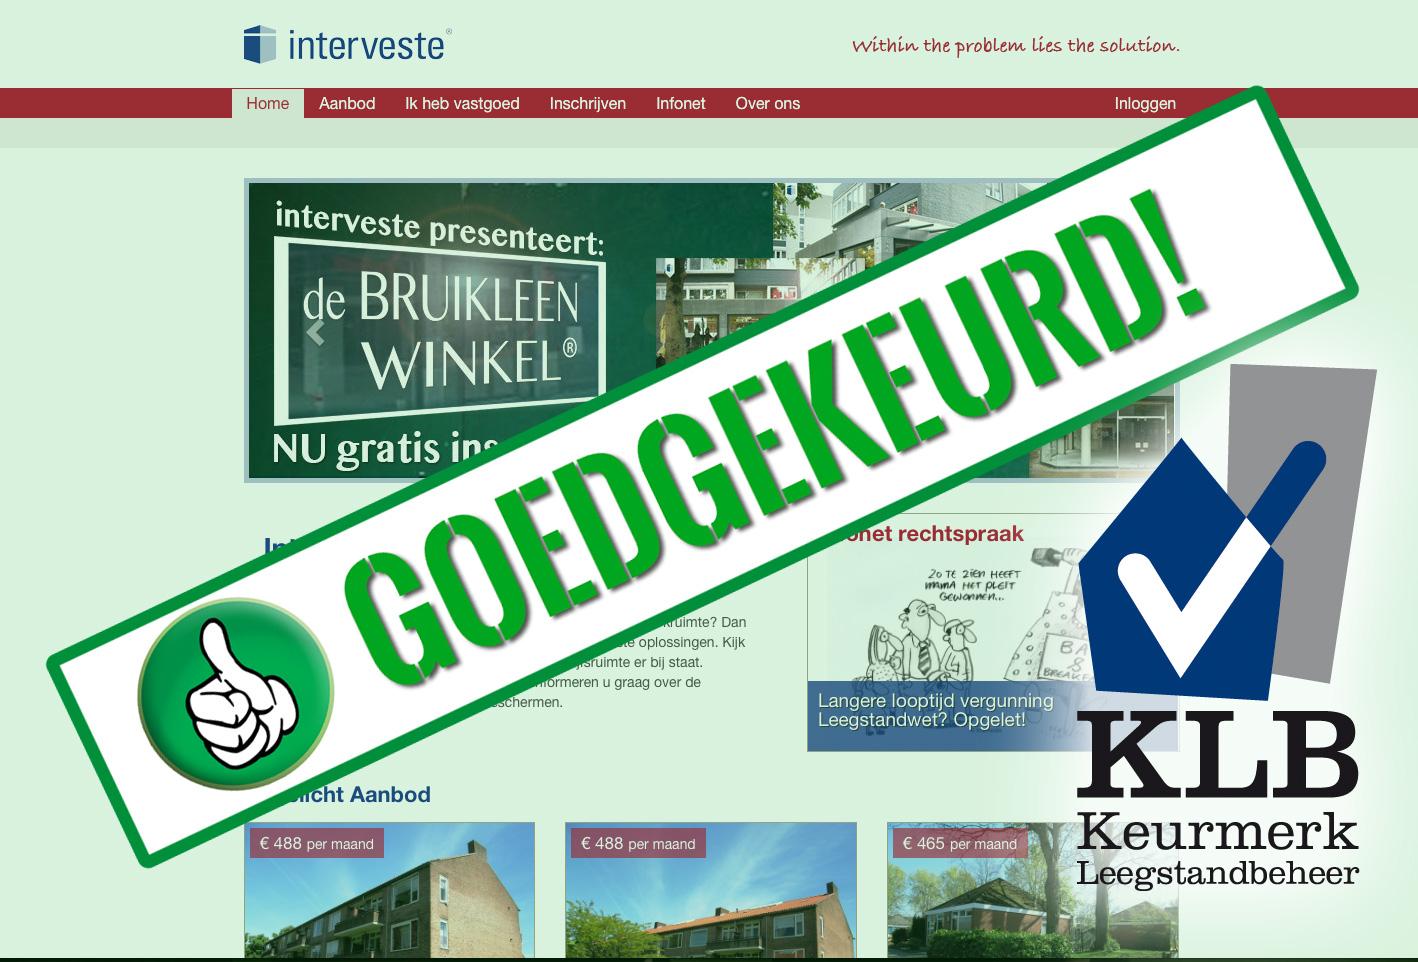 Interveste voldoet wederom aan Keurmerk Leegstandbeheer – KLB